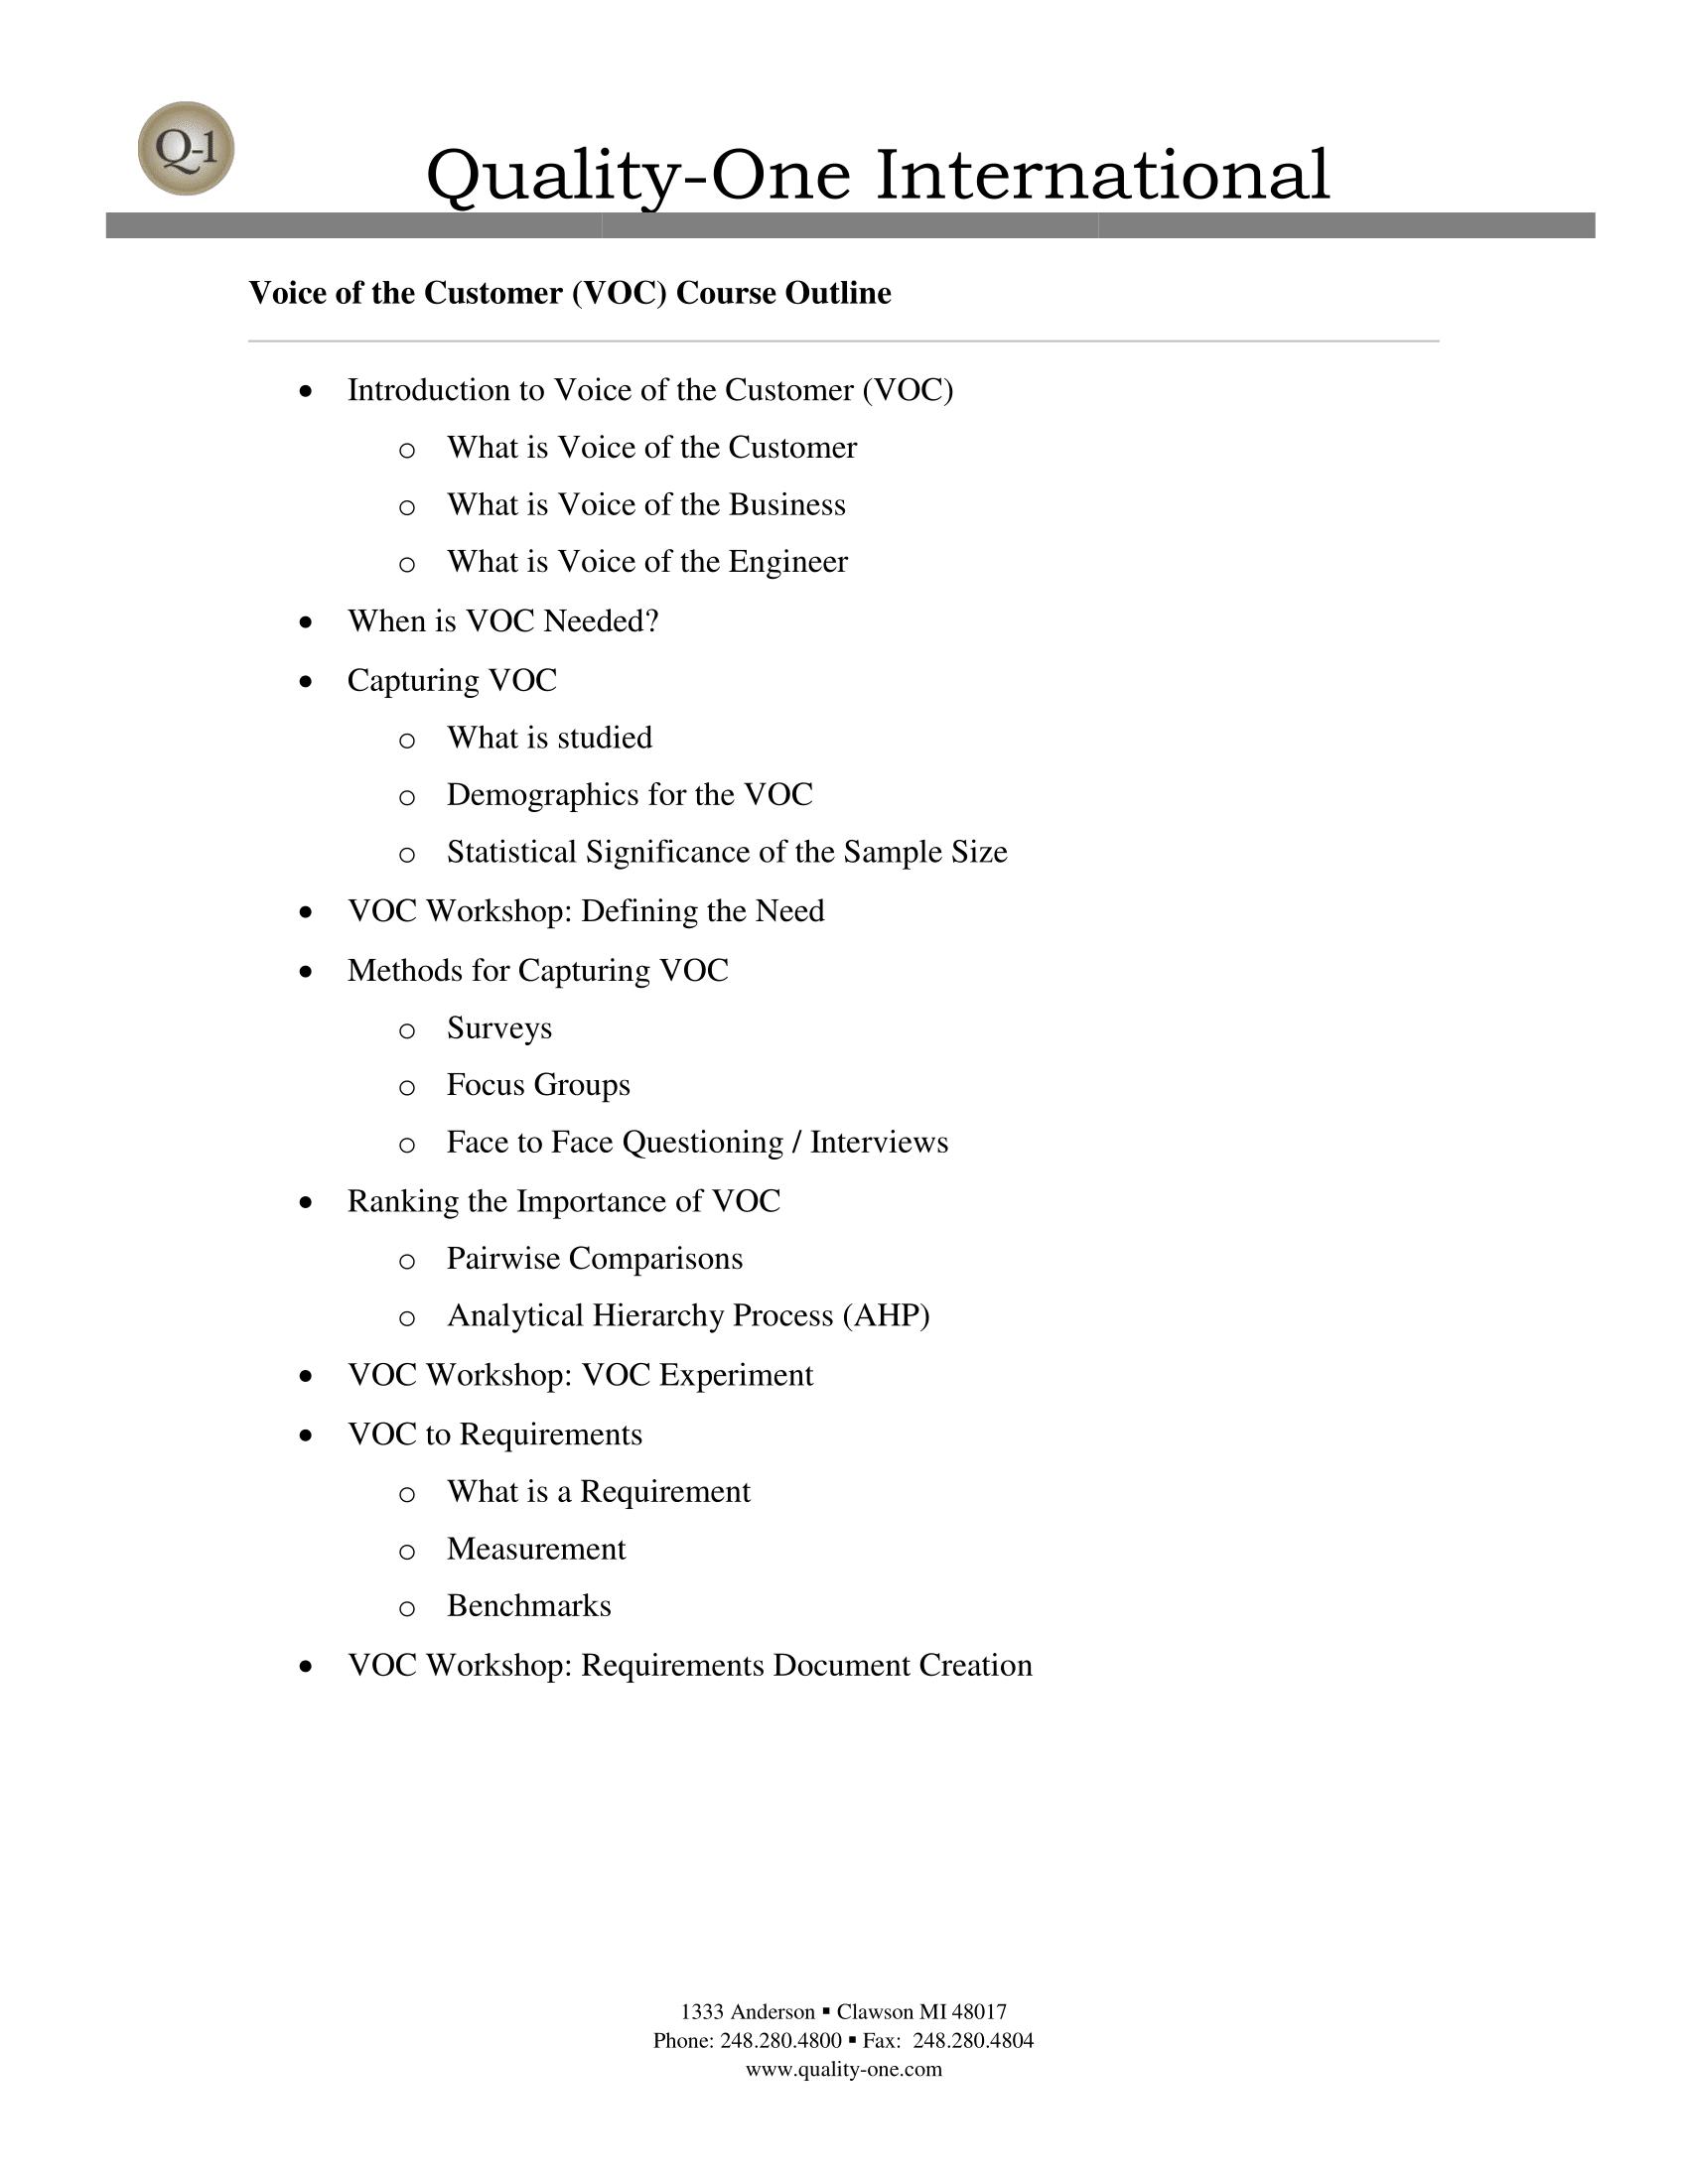 VOC Training Course Outline